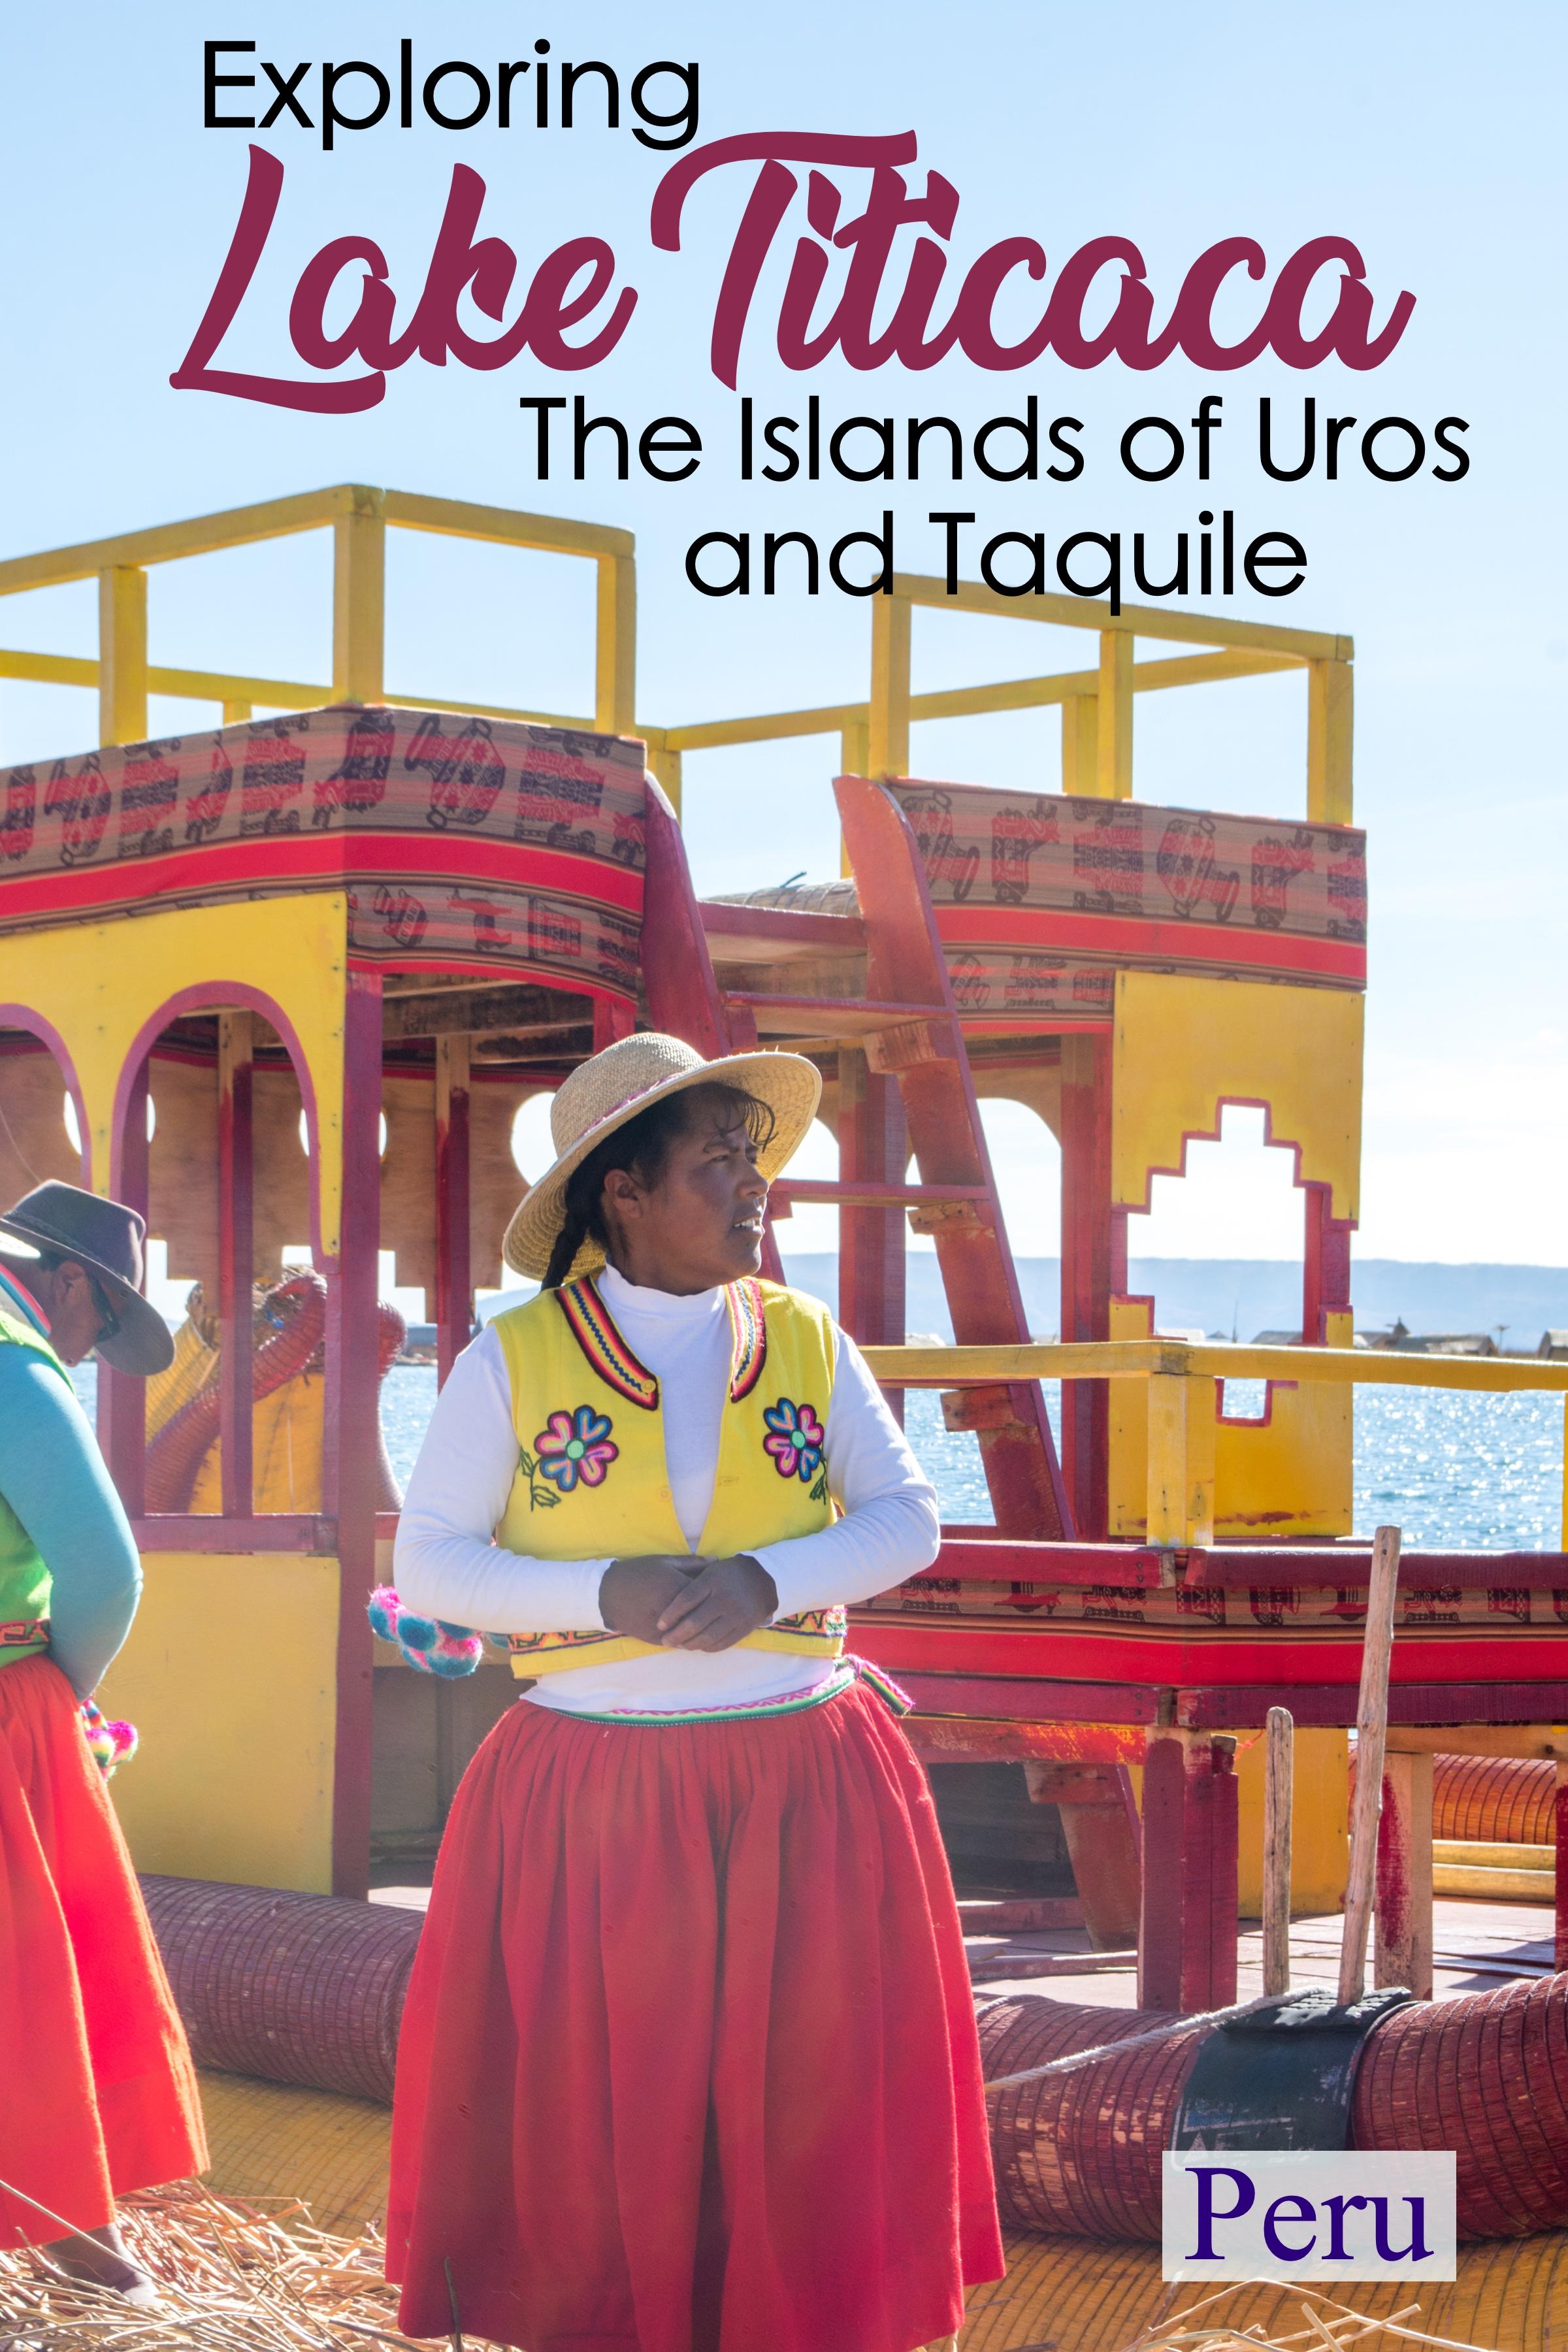 Exploring Lake Titicaca and The Islands of Uros & Taquile | One Day in Puno, Peru #southamerica #laketiticaca #peru